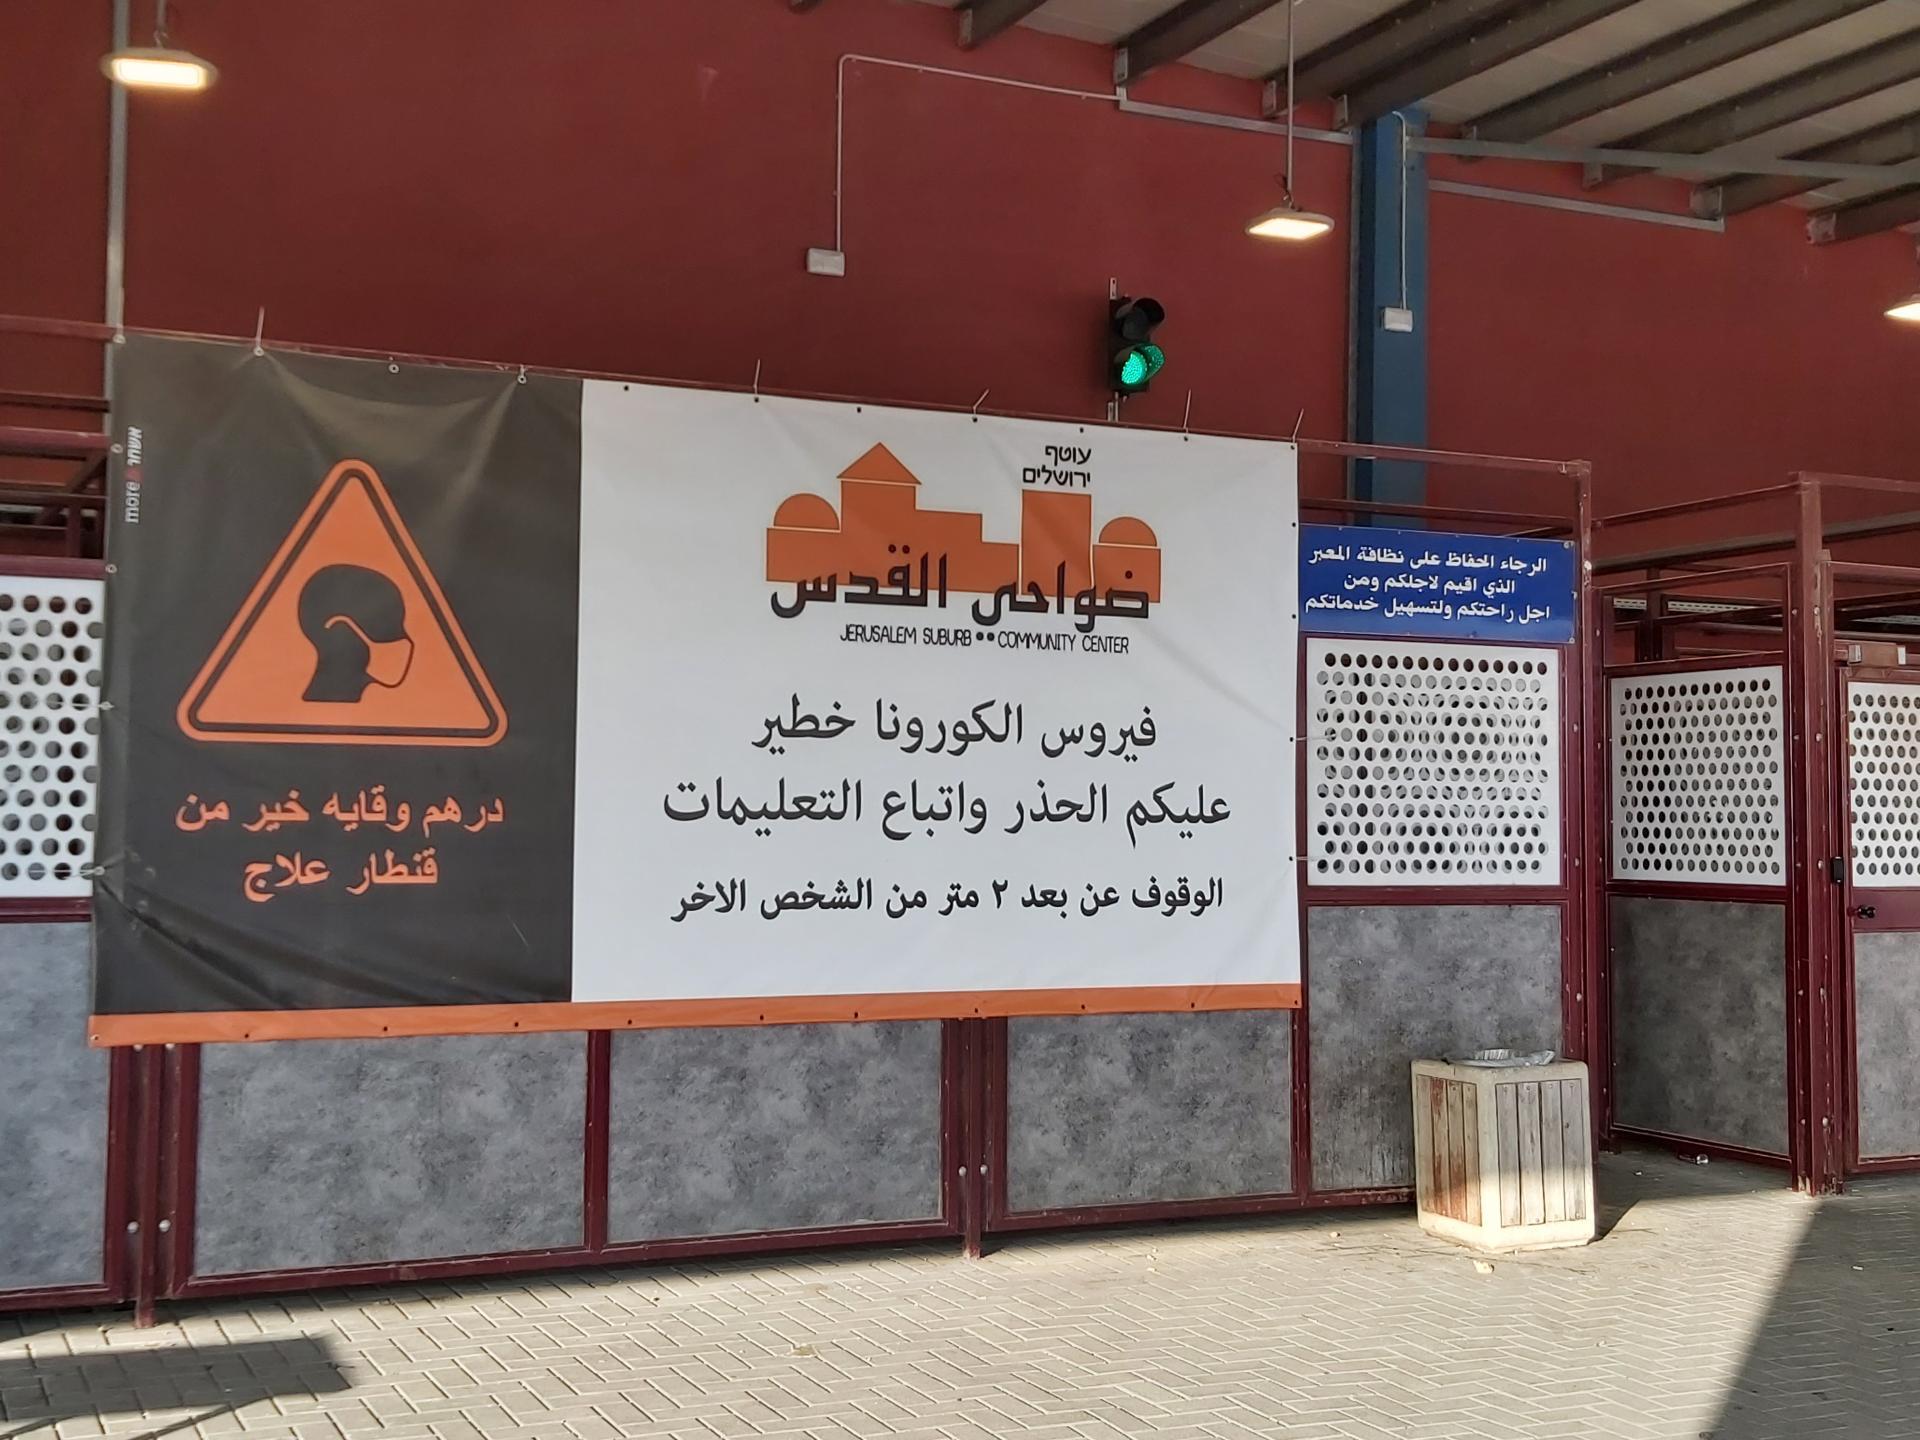 שלט המזהיר מהקורונה בכניה למחסום